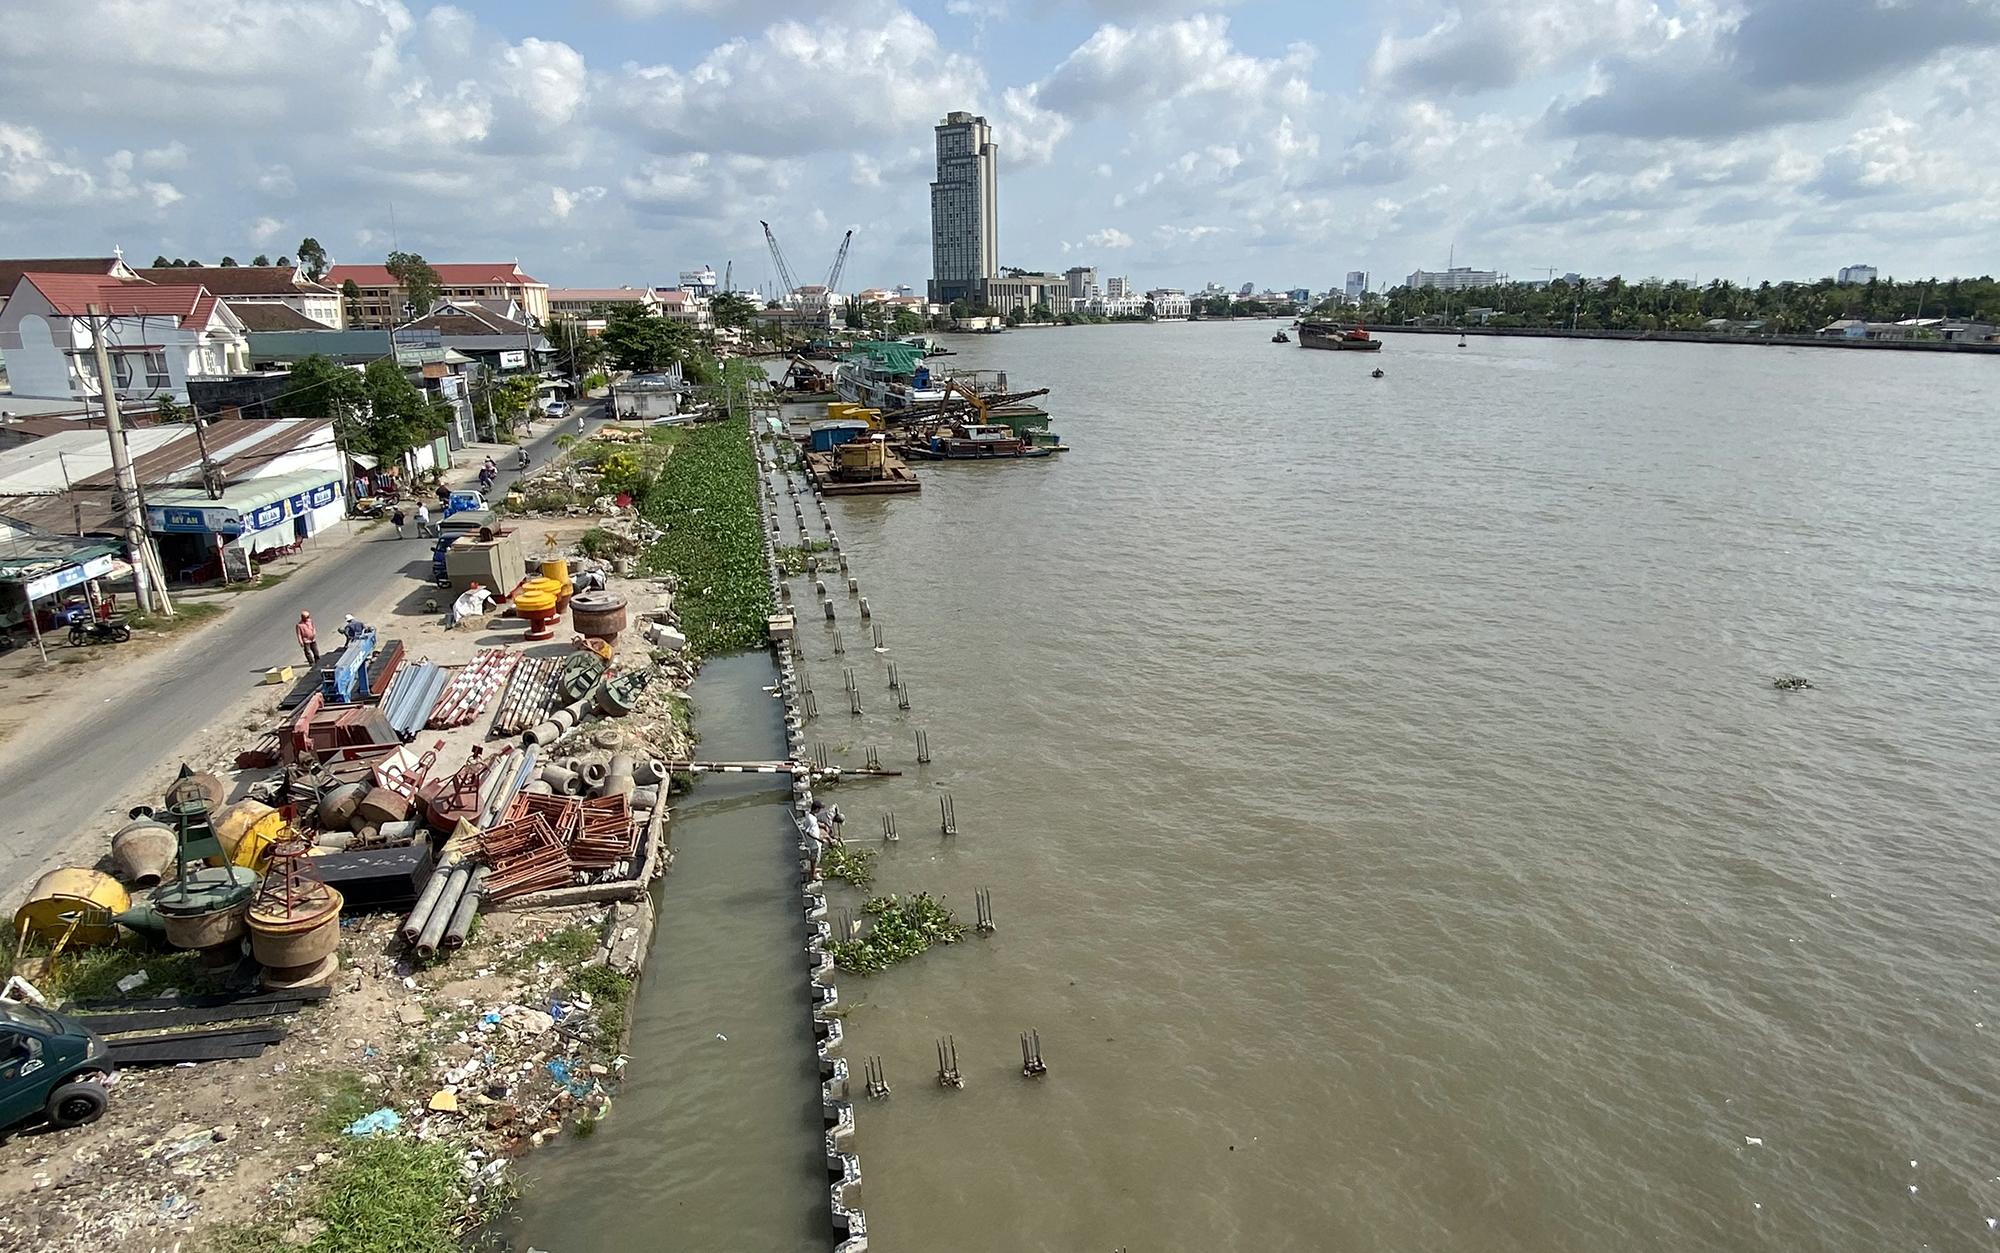 Kè sông Cần Thơ dài hơn 6 km, có vốn đầu tư 750 tỷ đồng sau nhiều năm xây dựng. Ảnh: Cửu Long